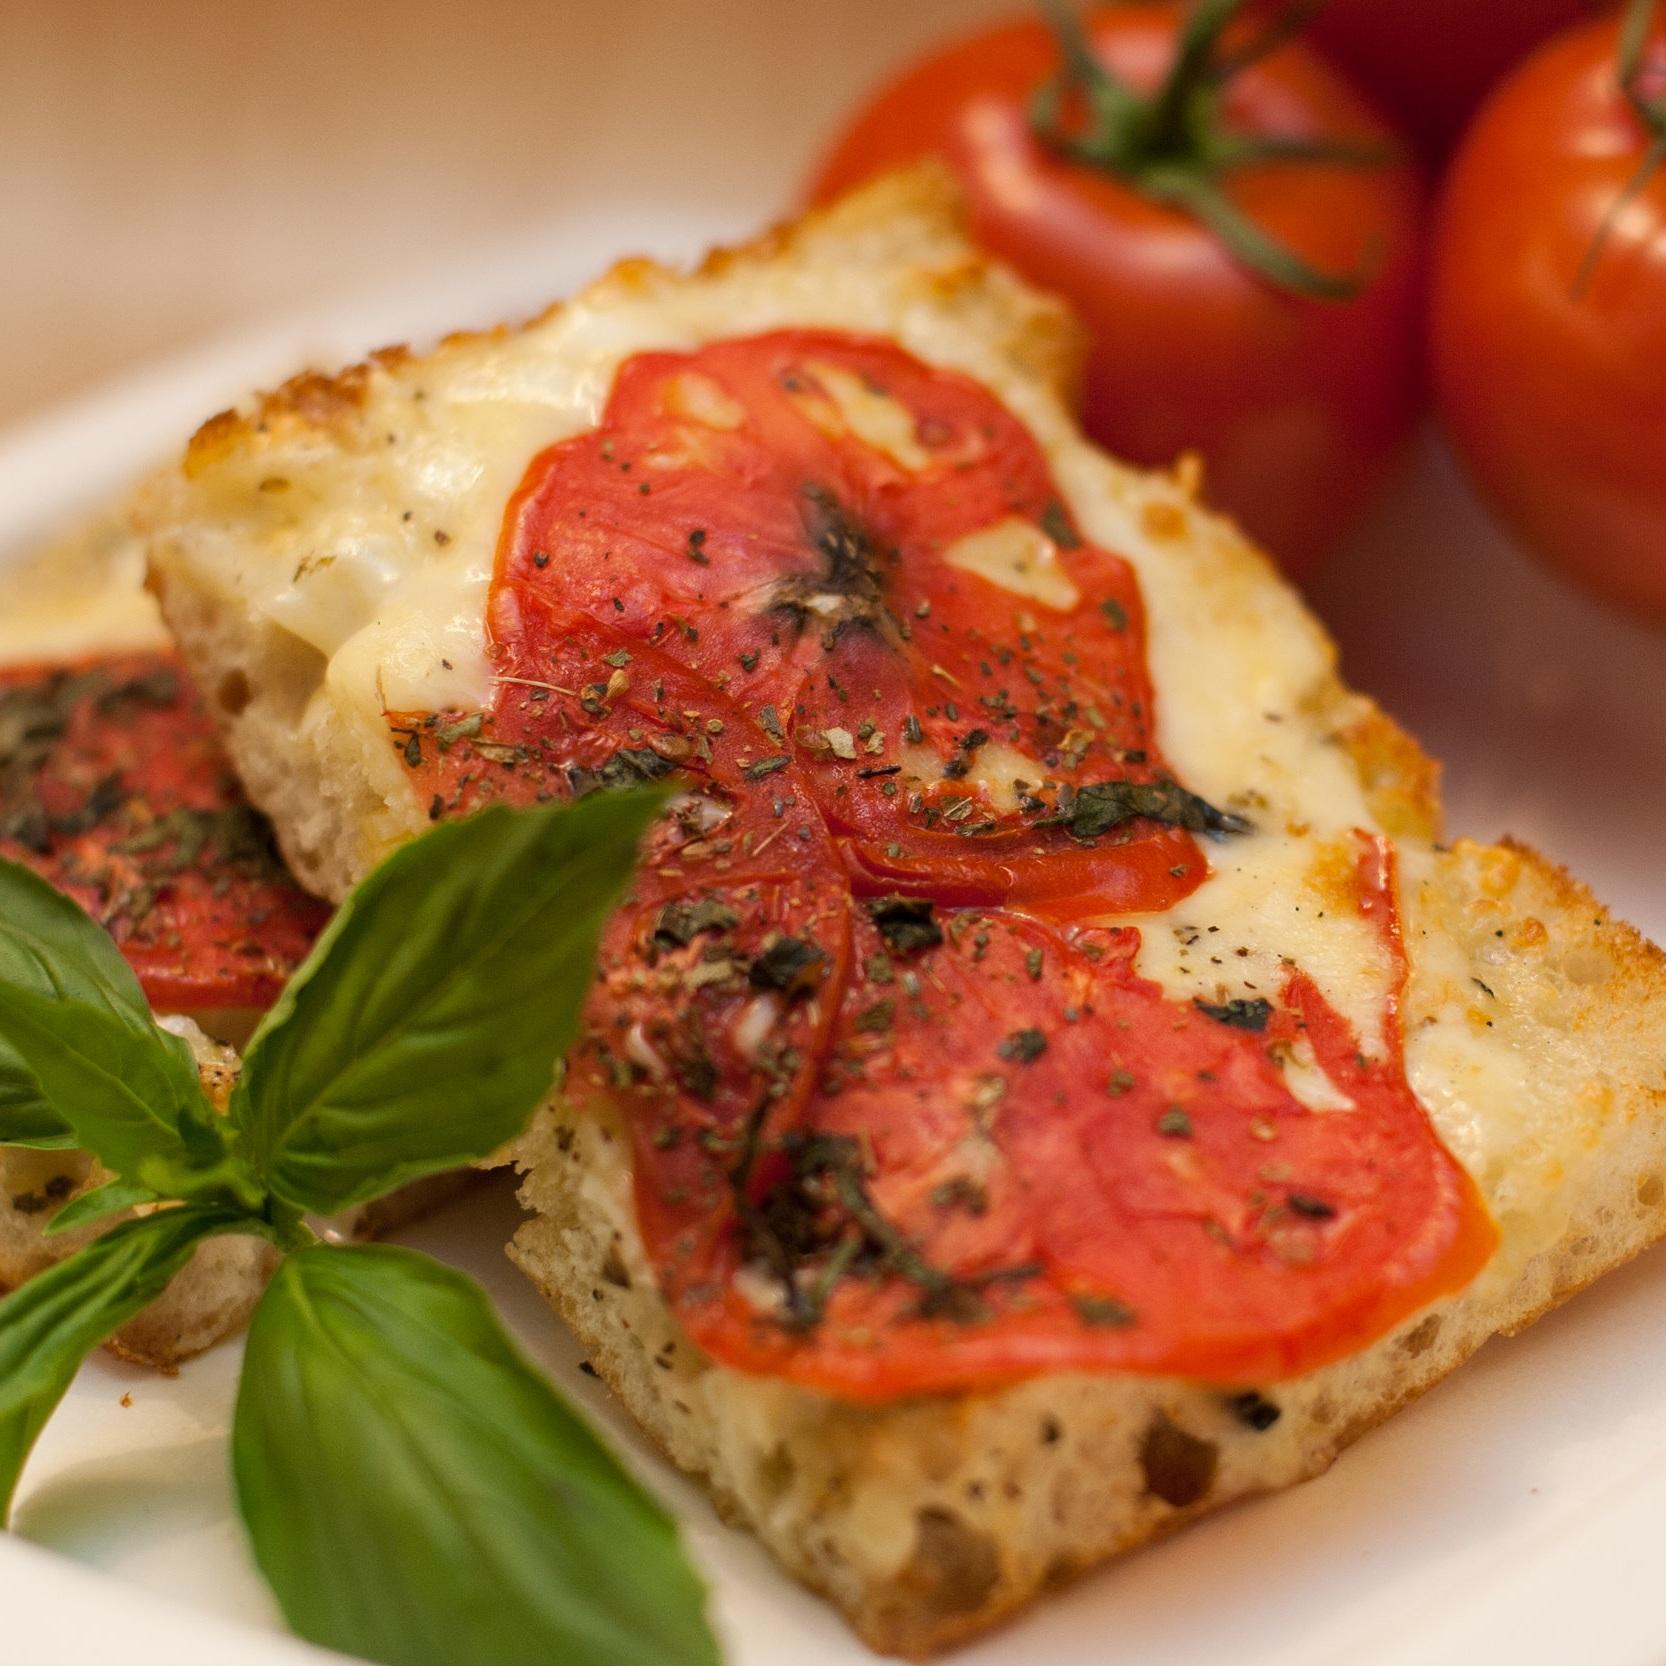 SIGNATURE CAFE AT SIGNATURE THEATRE - SUMMER FLATBREADfresh tomato, basil, fresh mozzarella, prosciutto